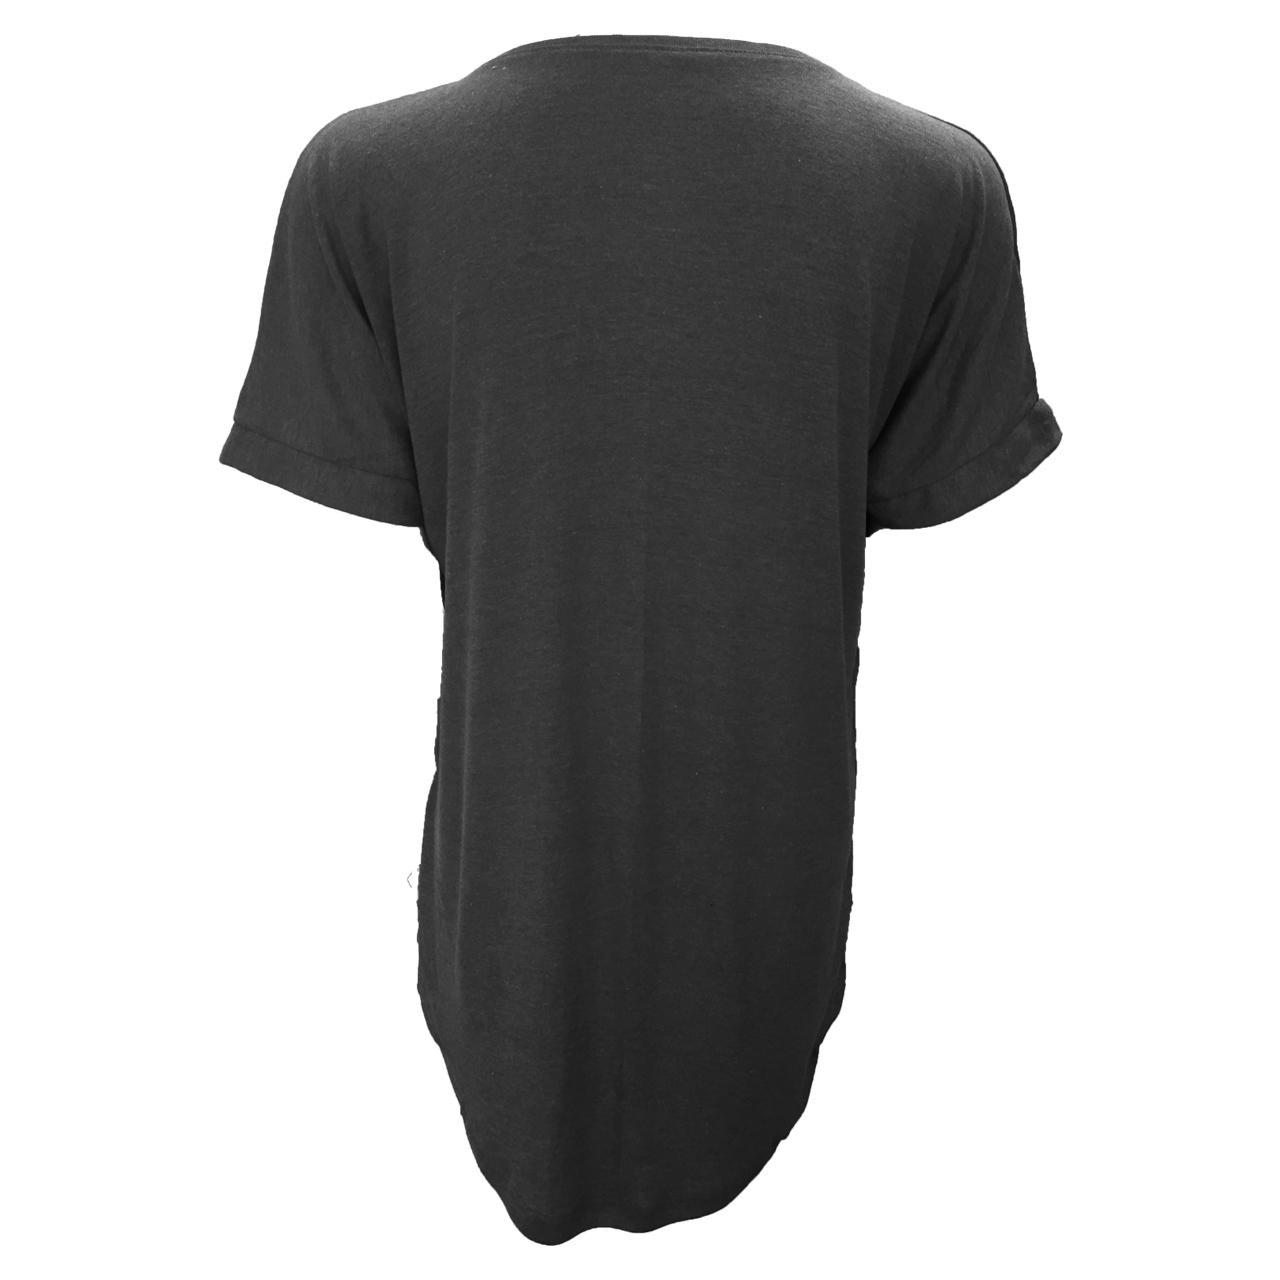 تی شرت آستین کوتاه زنانه مدل WATERFALL کد tms-1012 رنگ طوسی